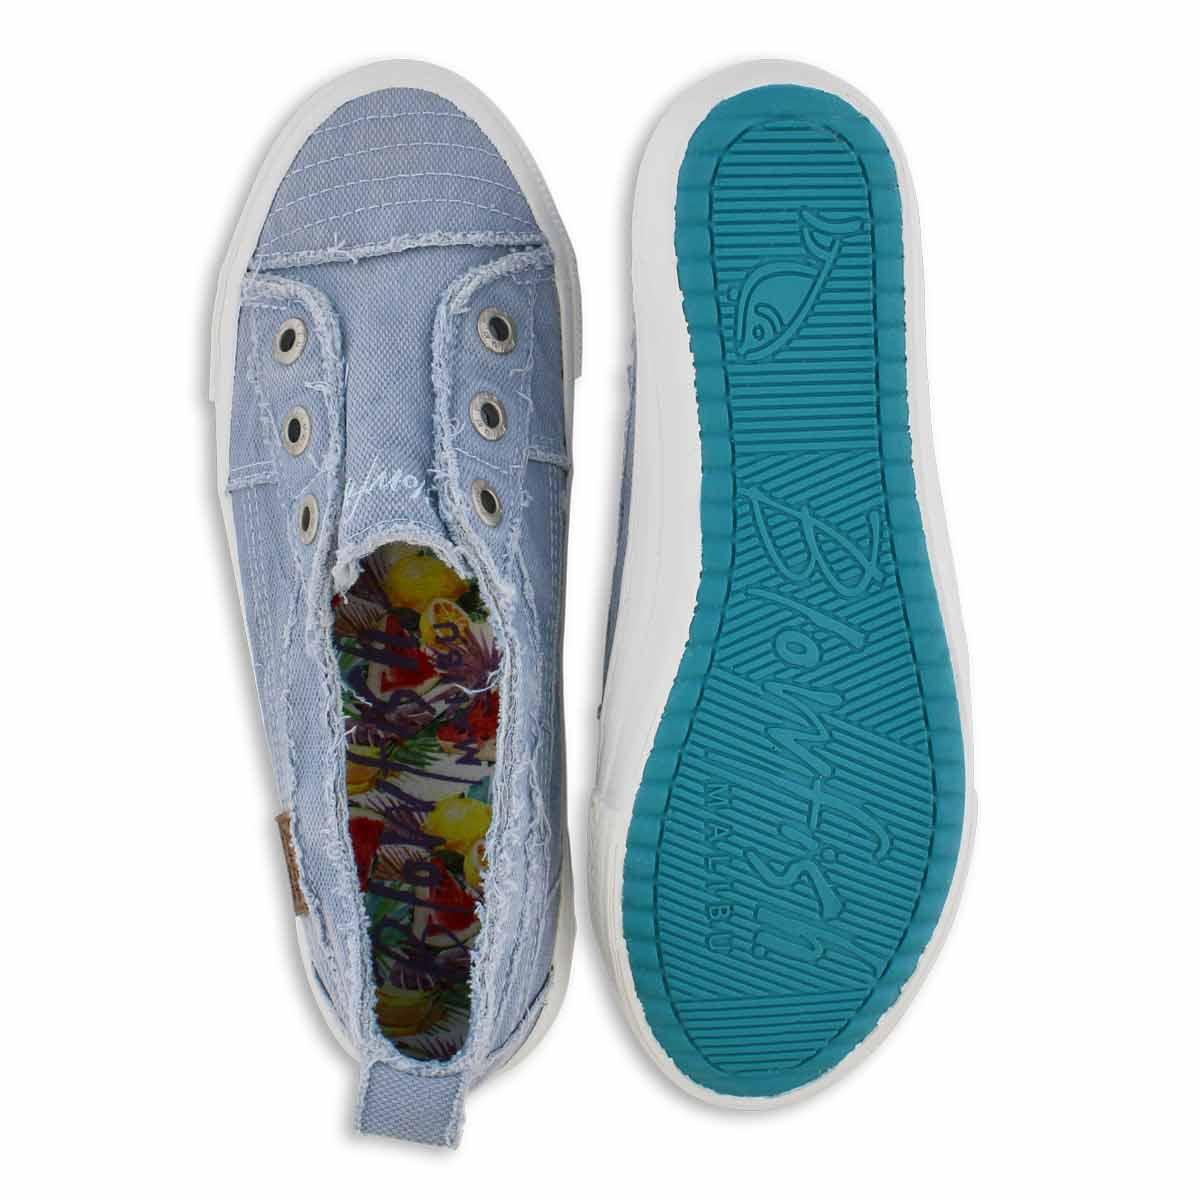 Lds Aussie blu slip on fashion sneakers